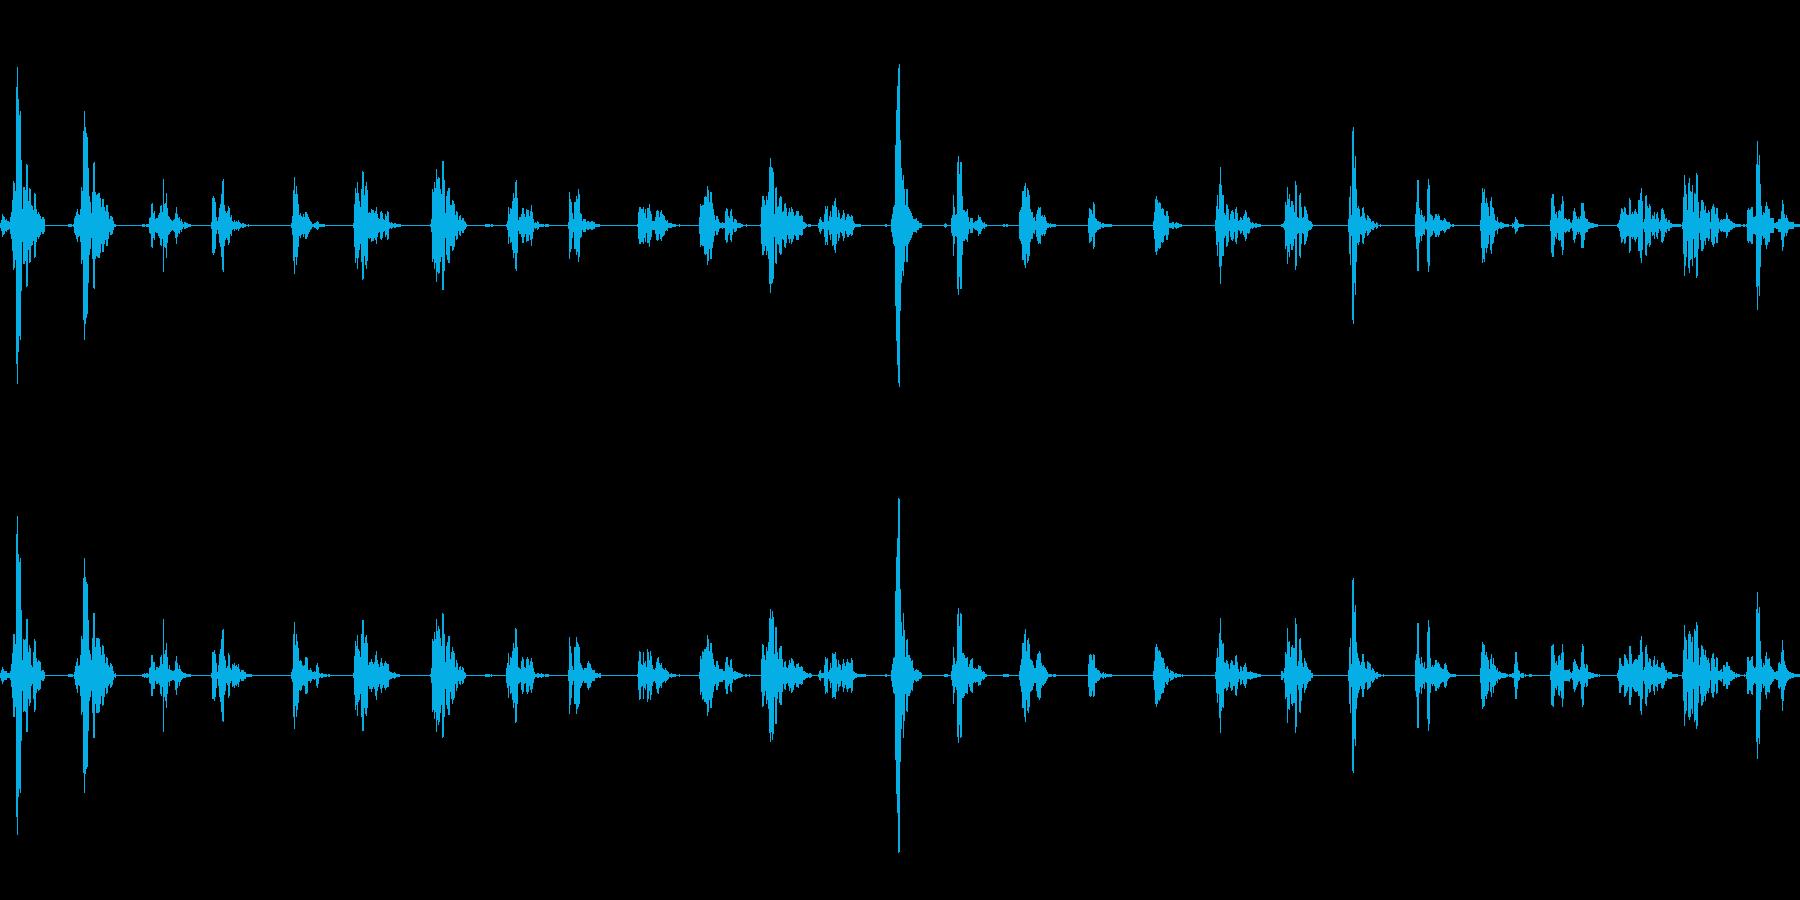 じゅうたんの上を歩く足音の再生済みの波形